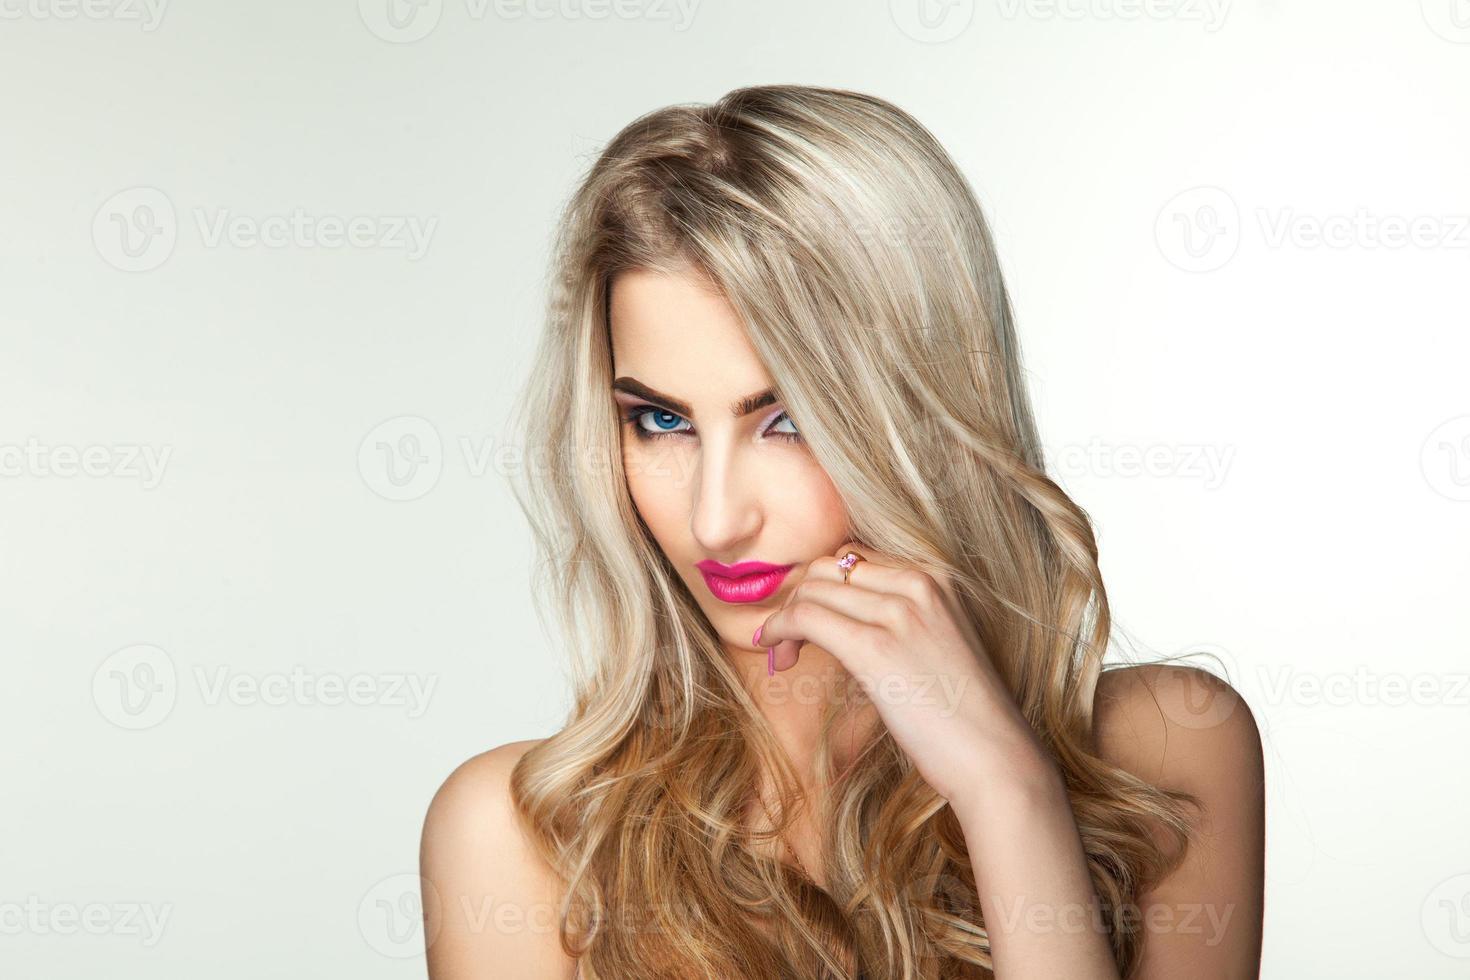 horisontell bild av den söta blonda flickan foto